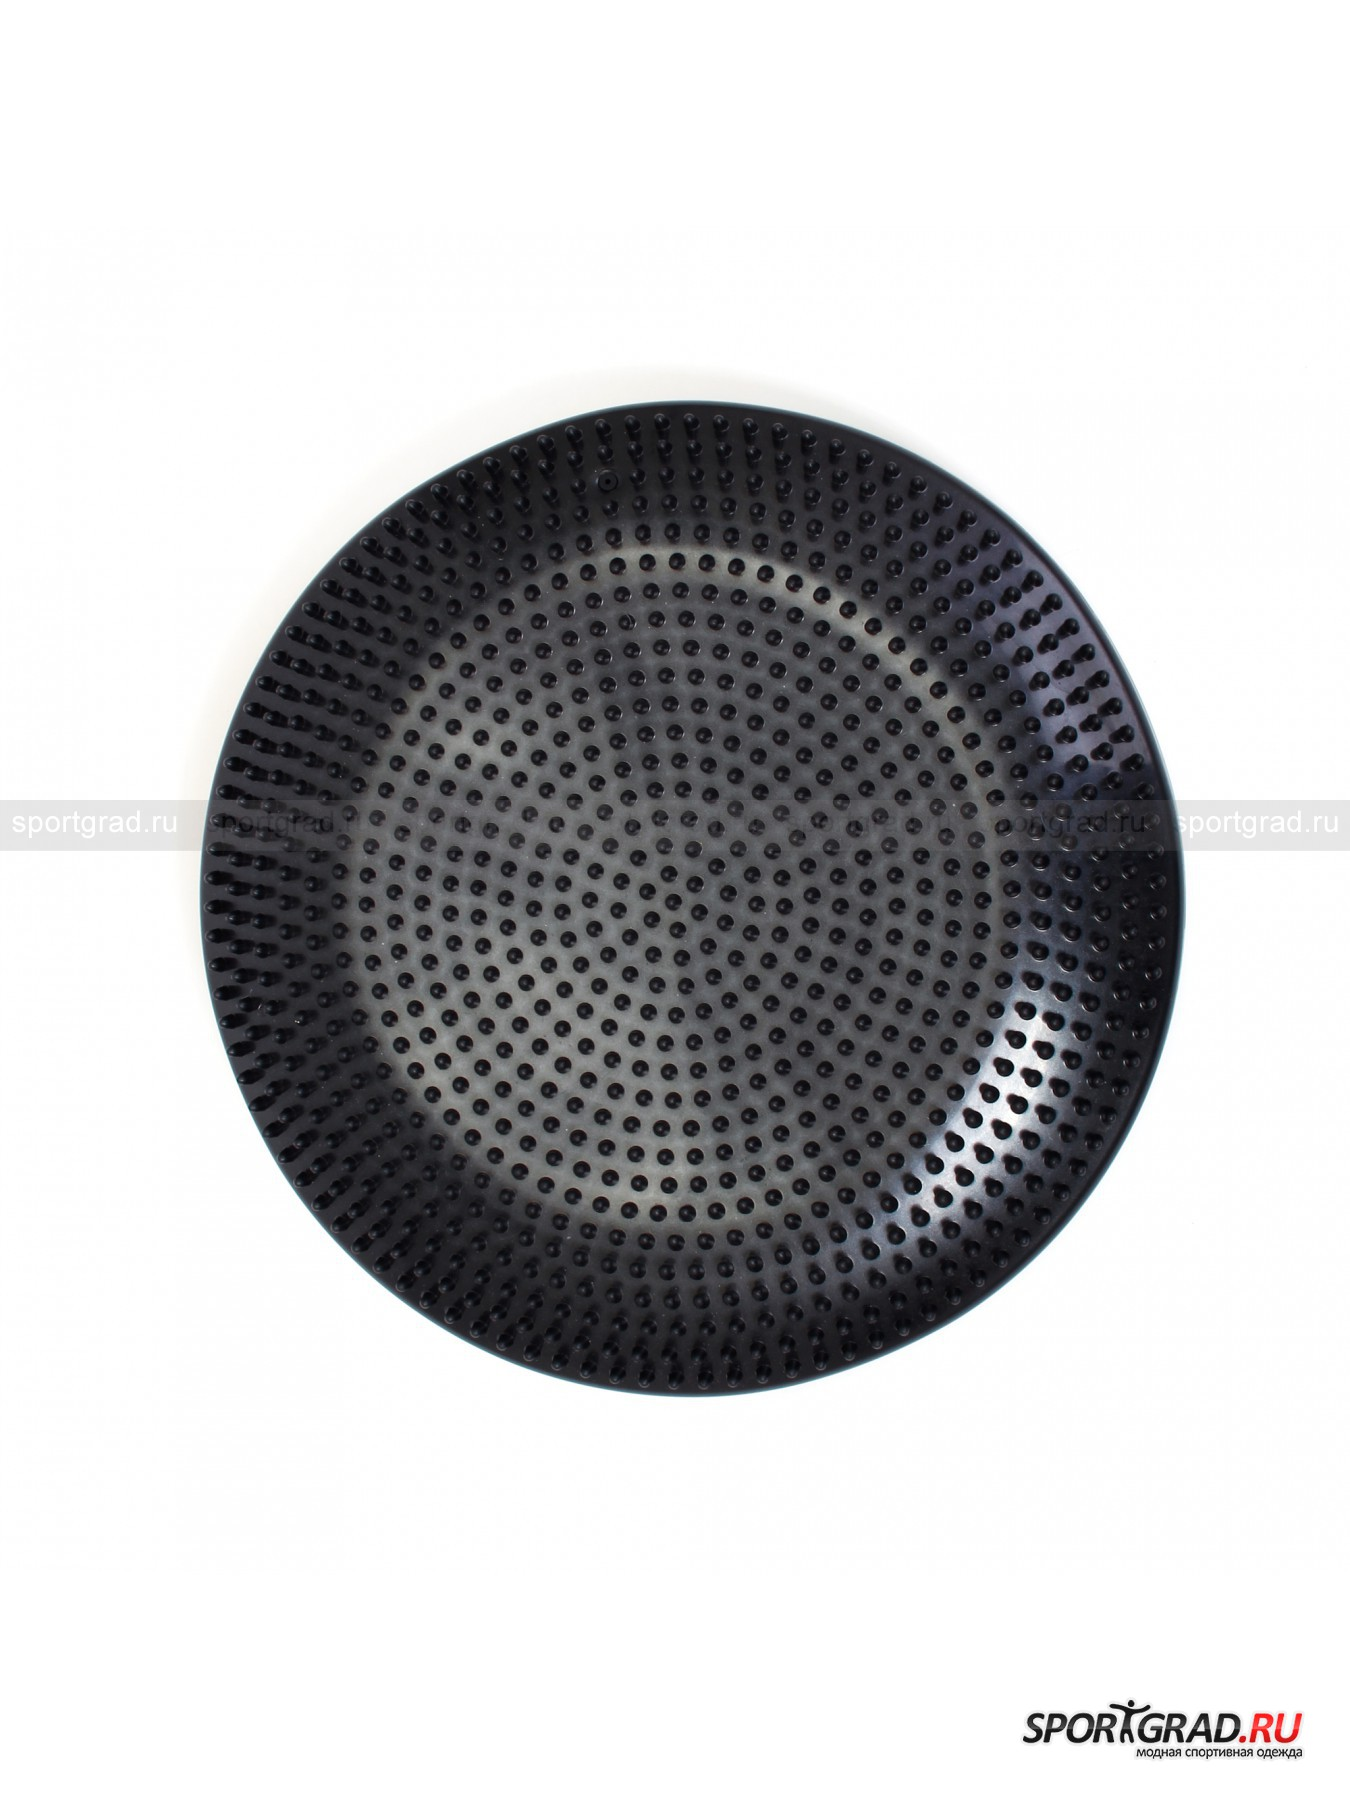 Диск балансировочный Balance cushion CASALL от Спортград